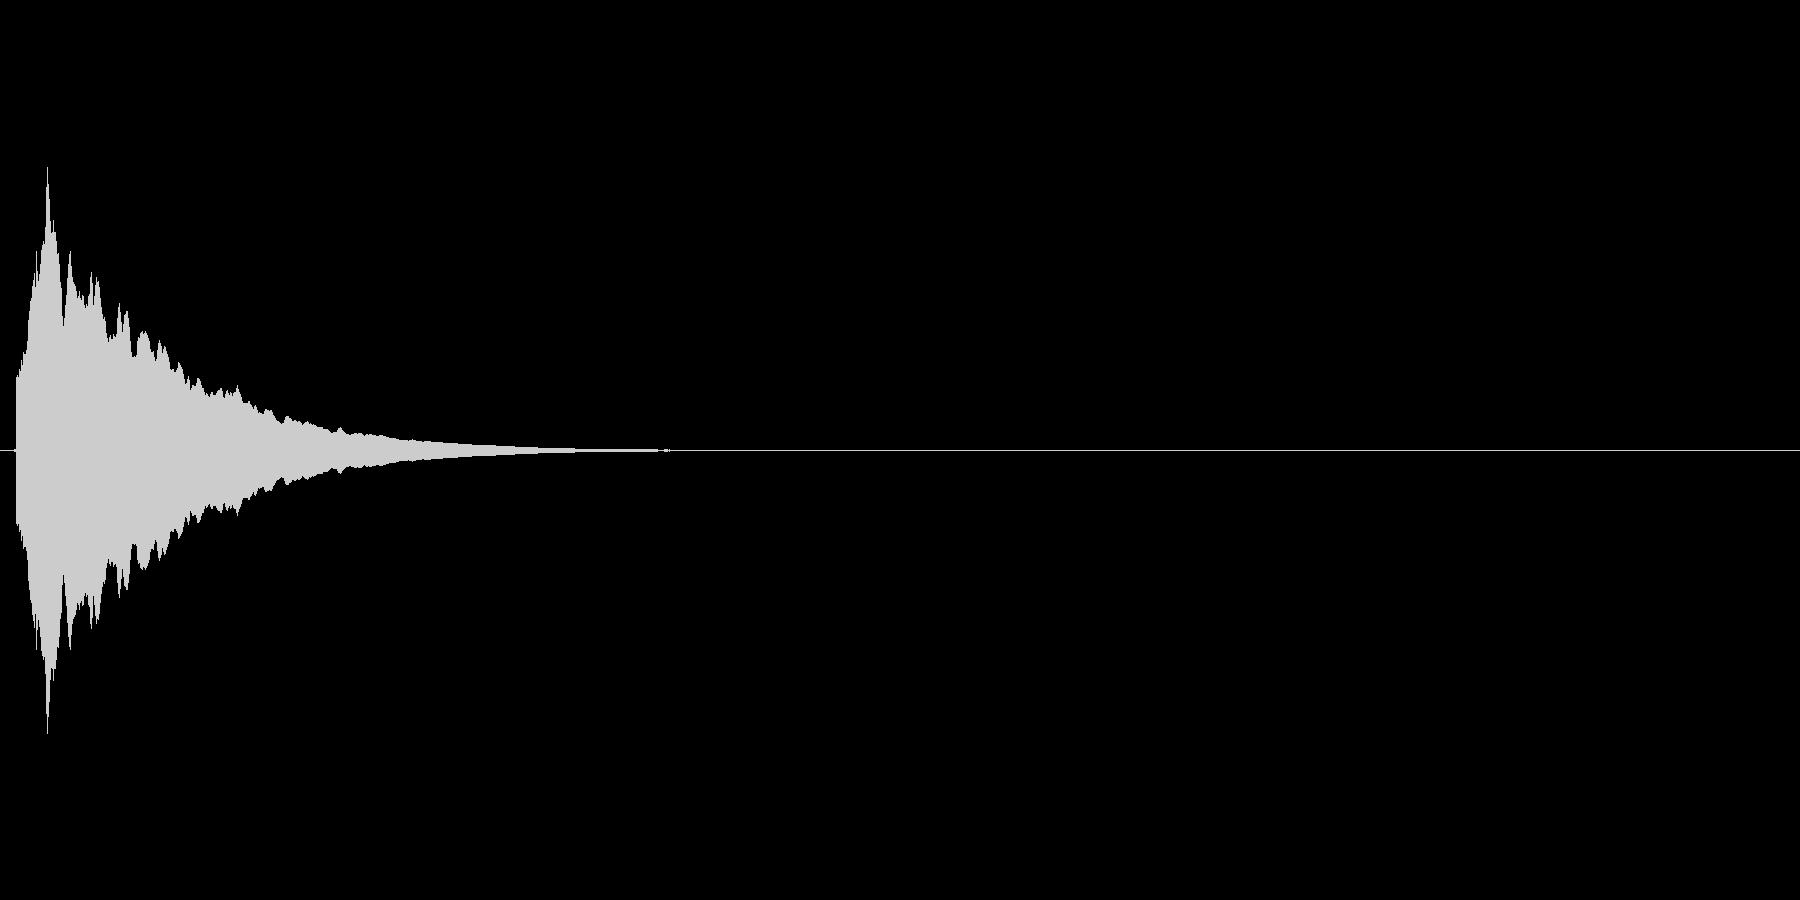 キラーン(星、光る、瞬く)の未再生の波形